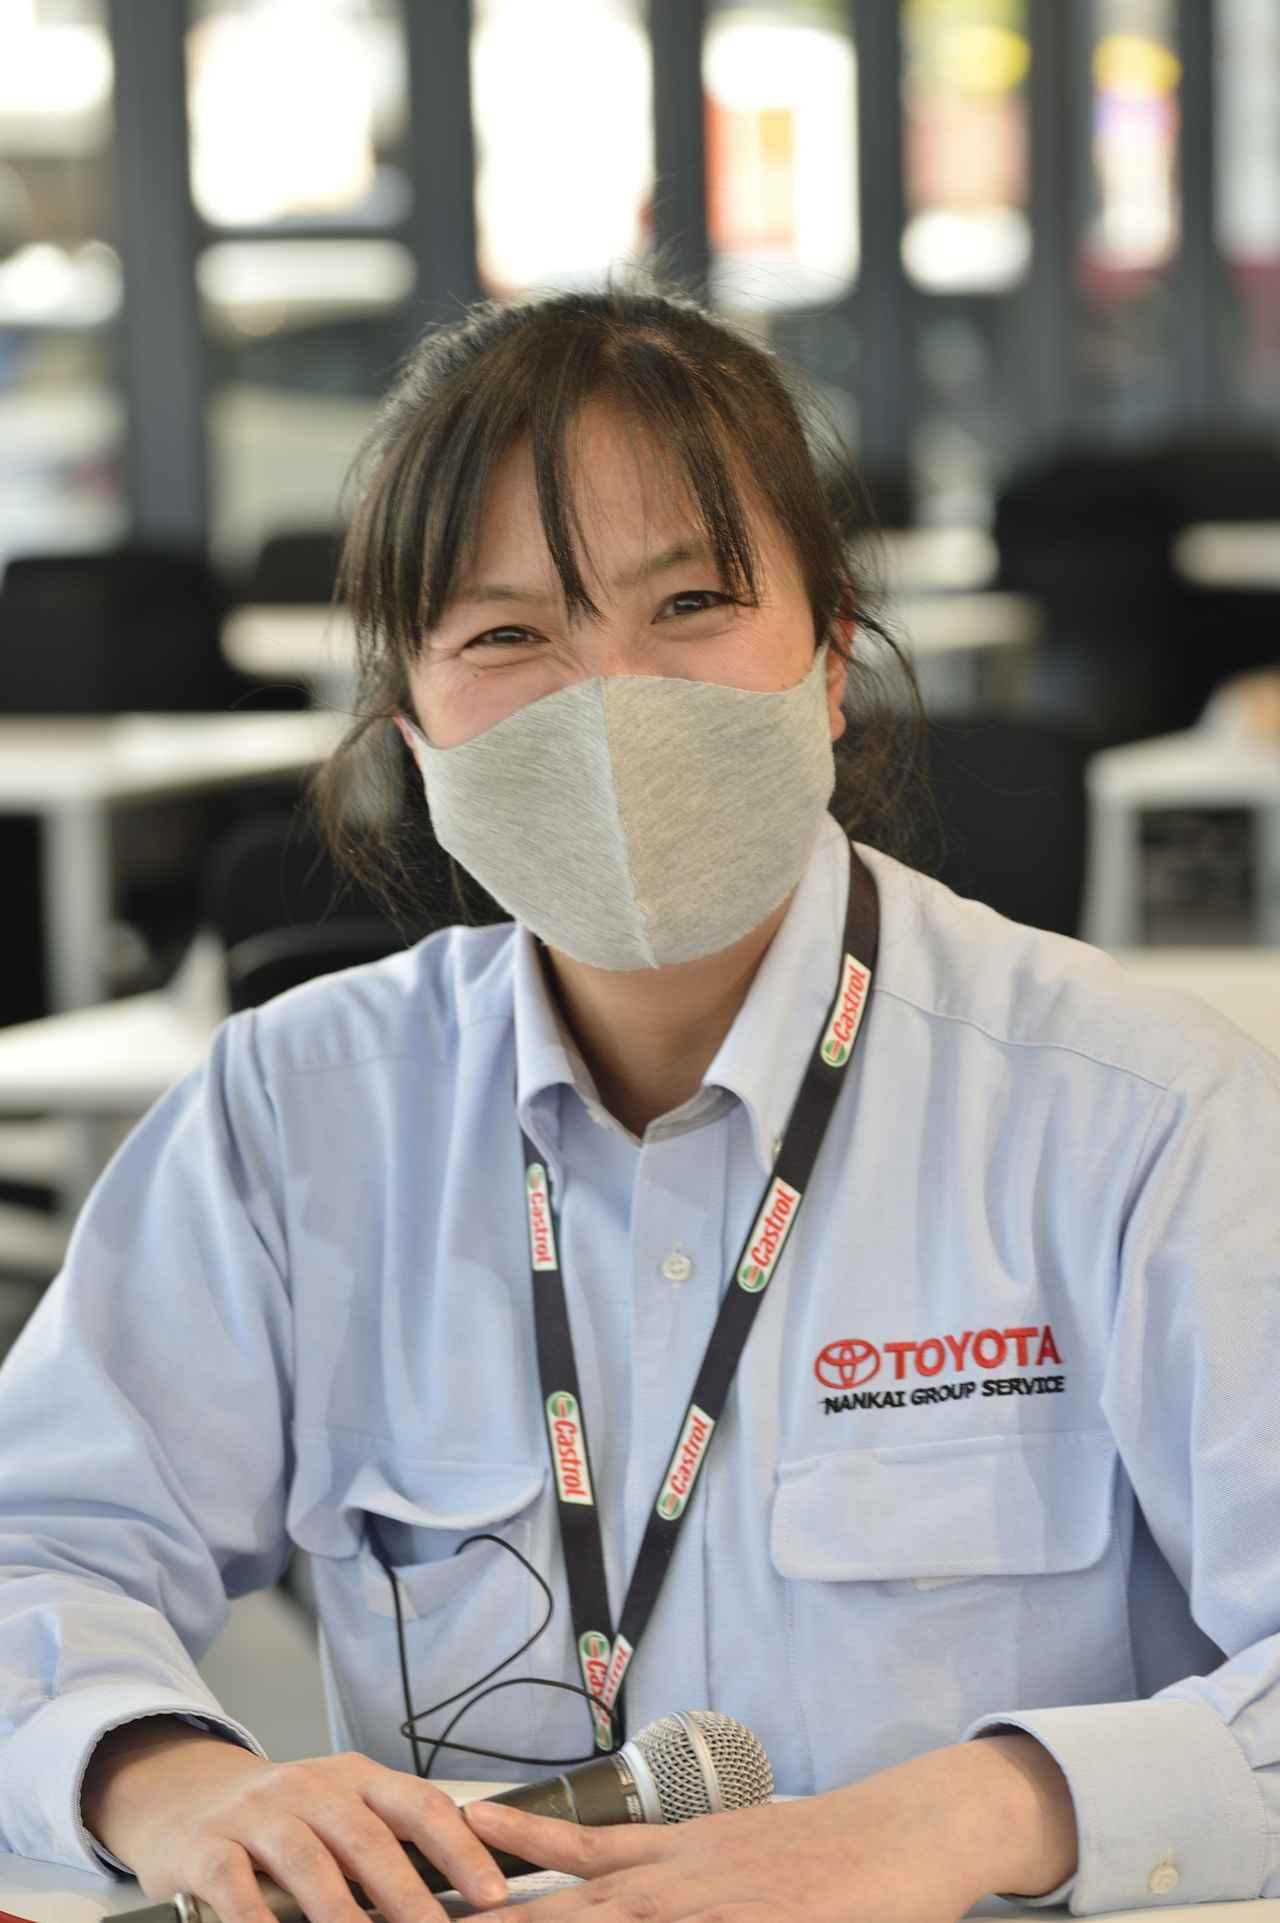 画像: 6月に中古車コーナーもオープン予定で、お客様の様々なニーズにお答えしていきますと飯田さん。